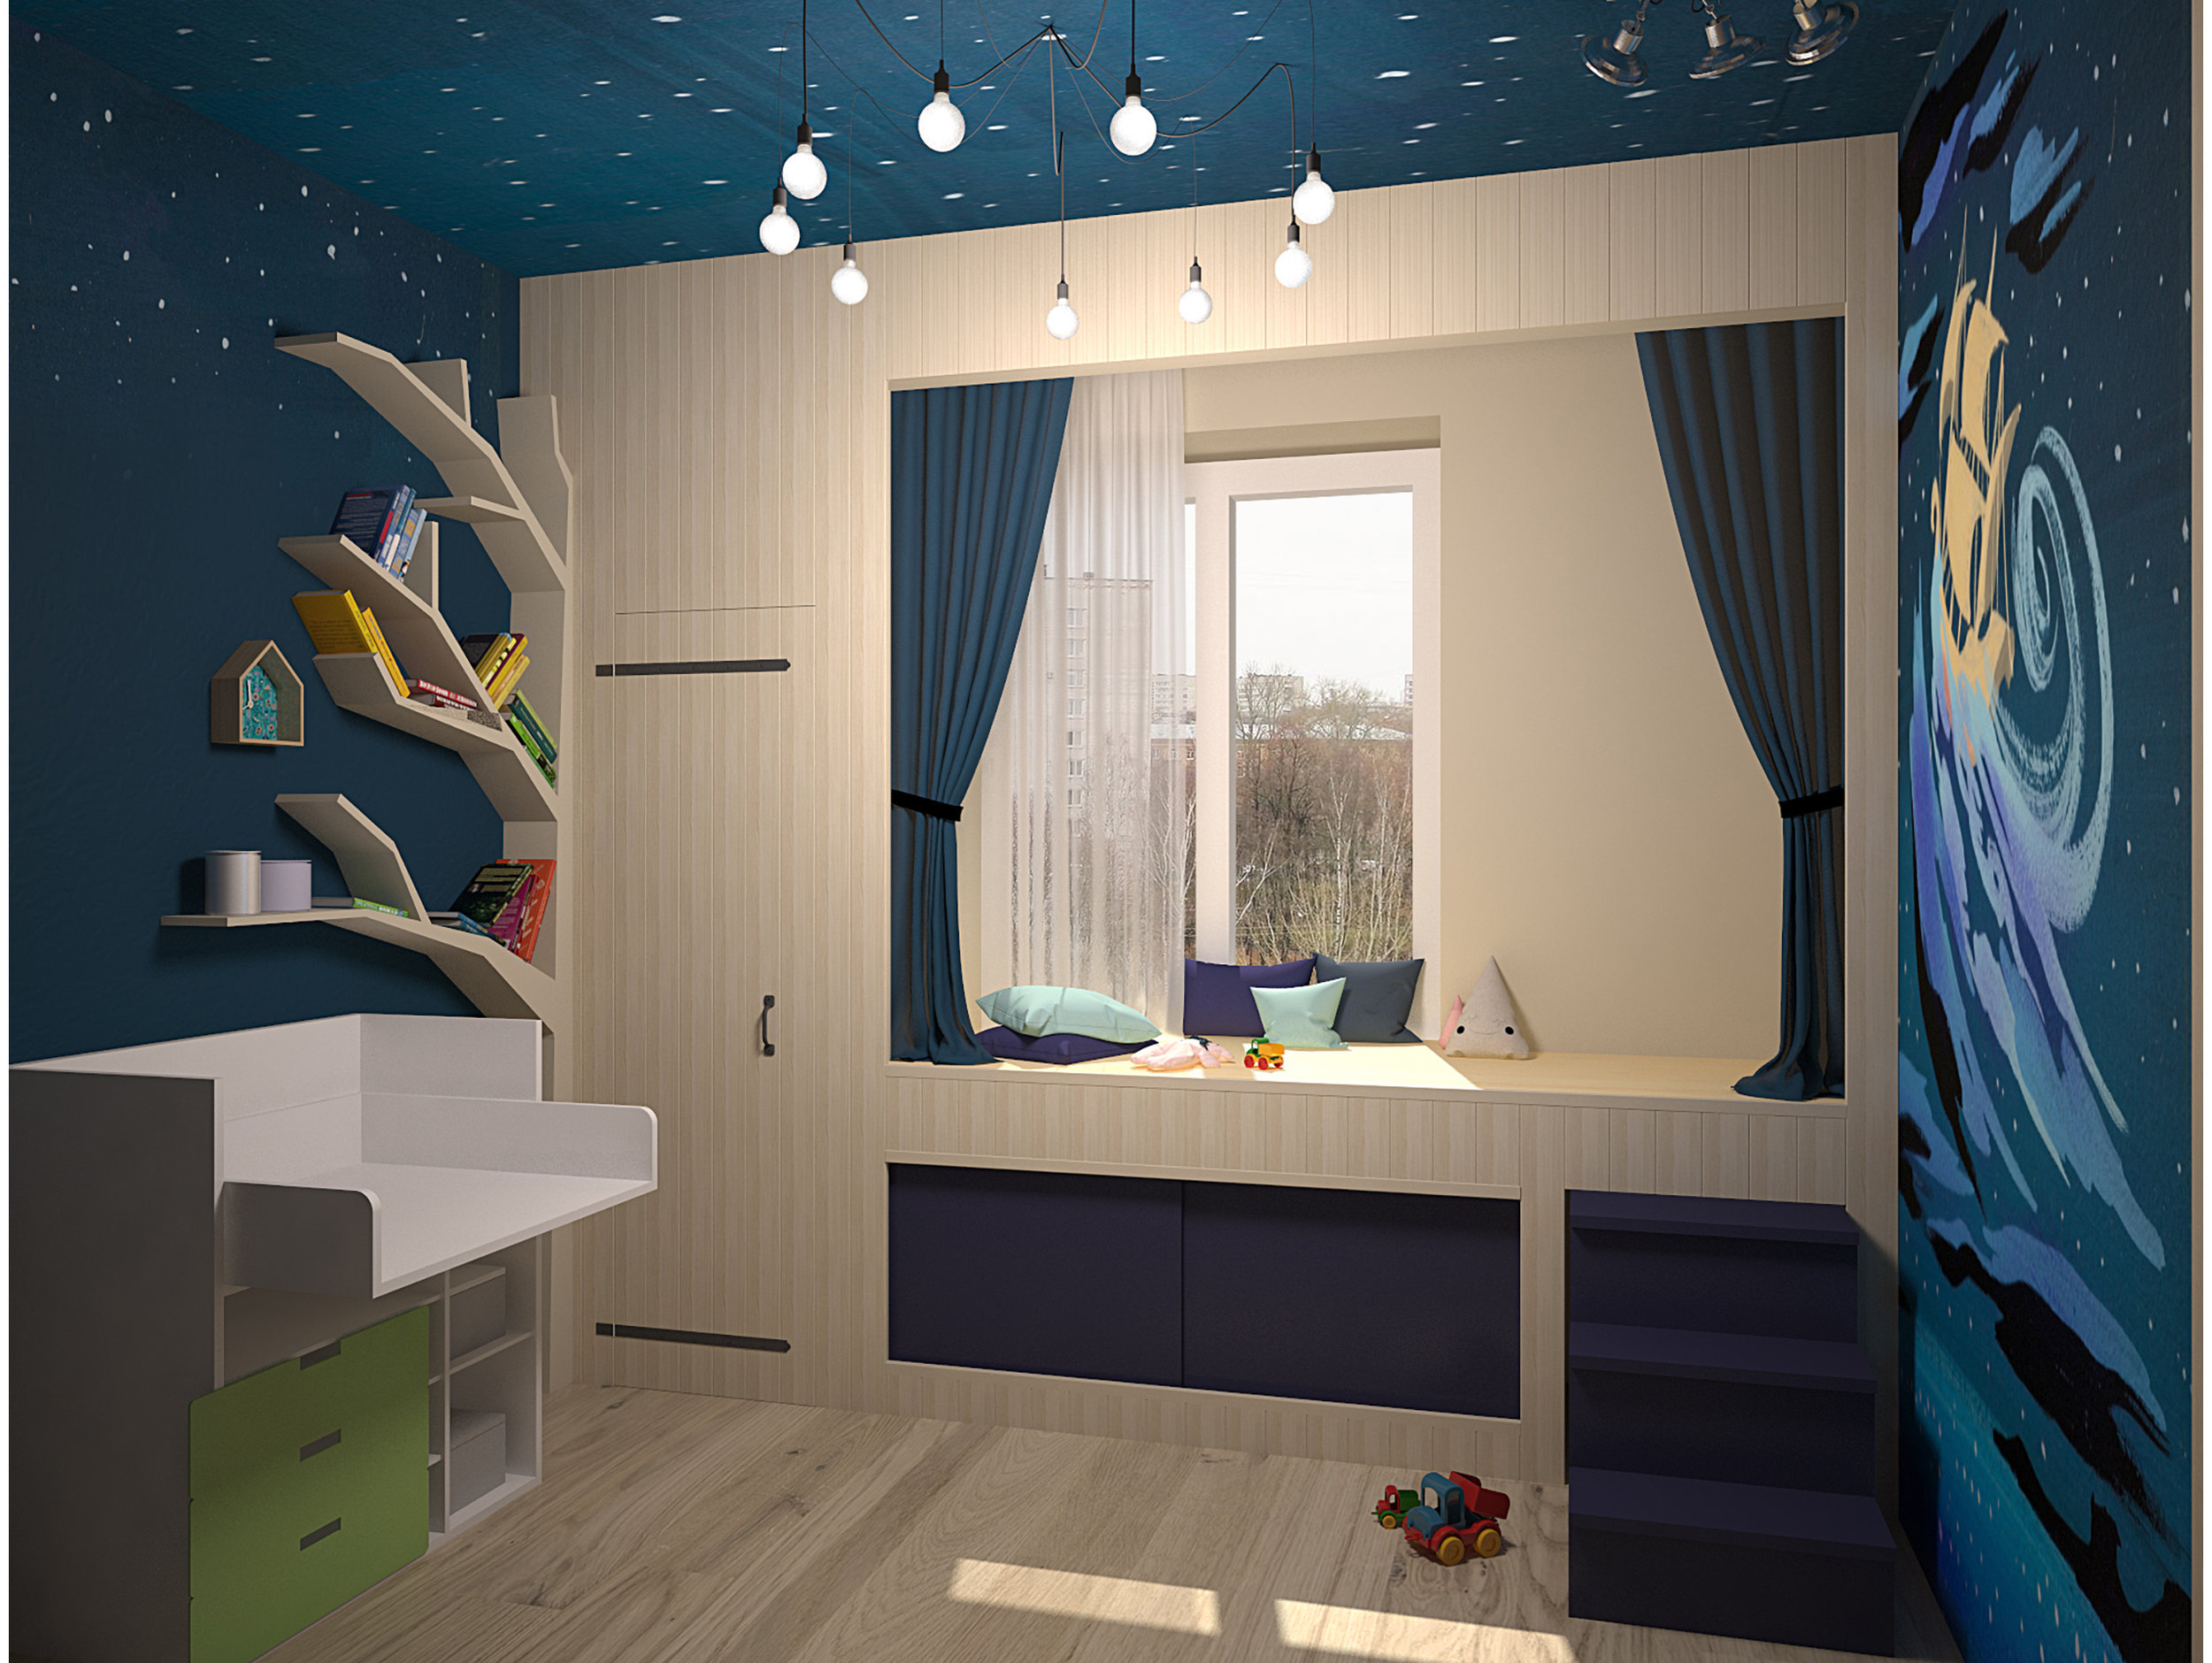 Copy of Boy bedroom interior